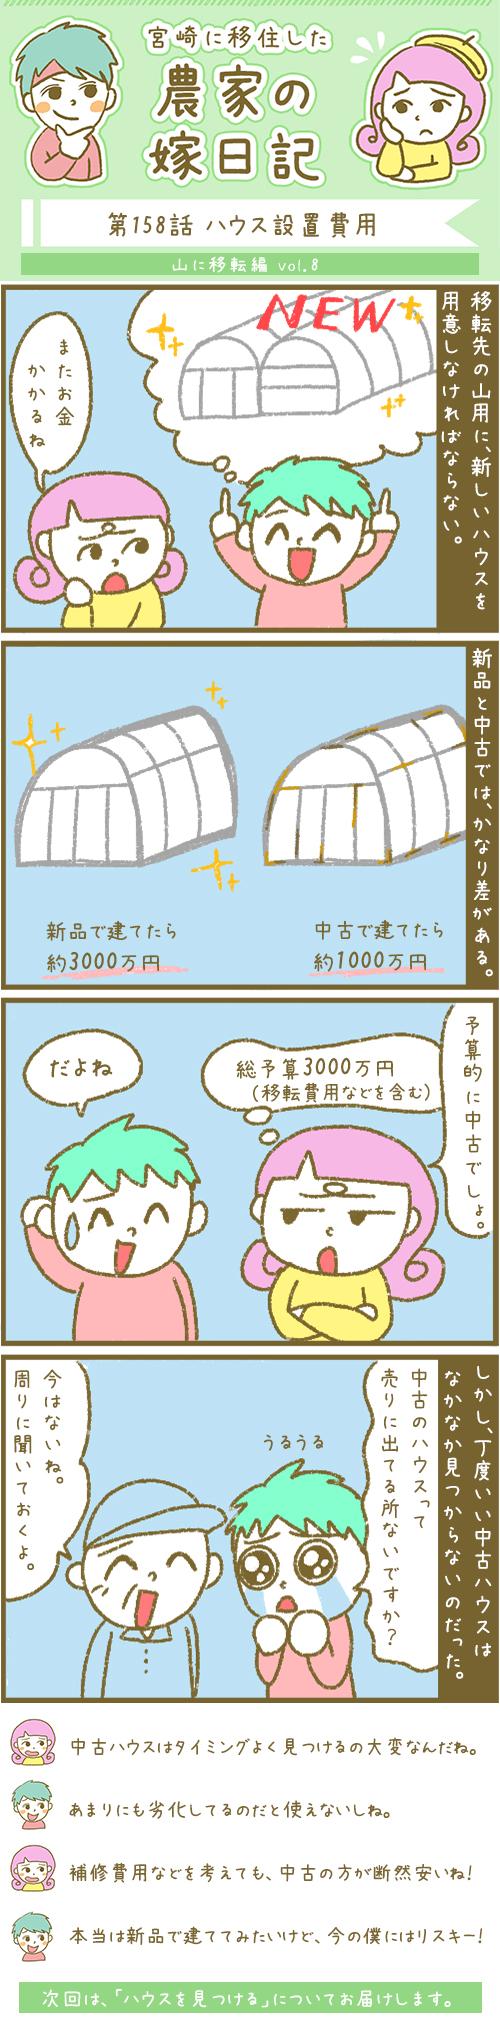 漫画第158話